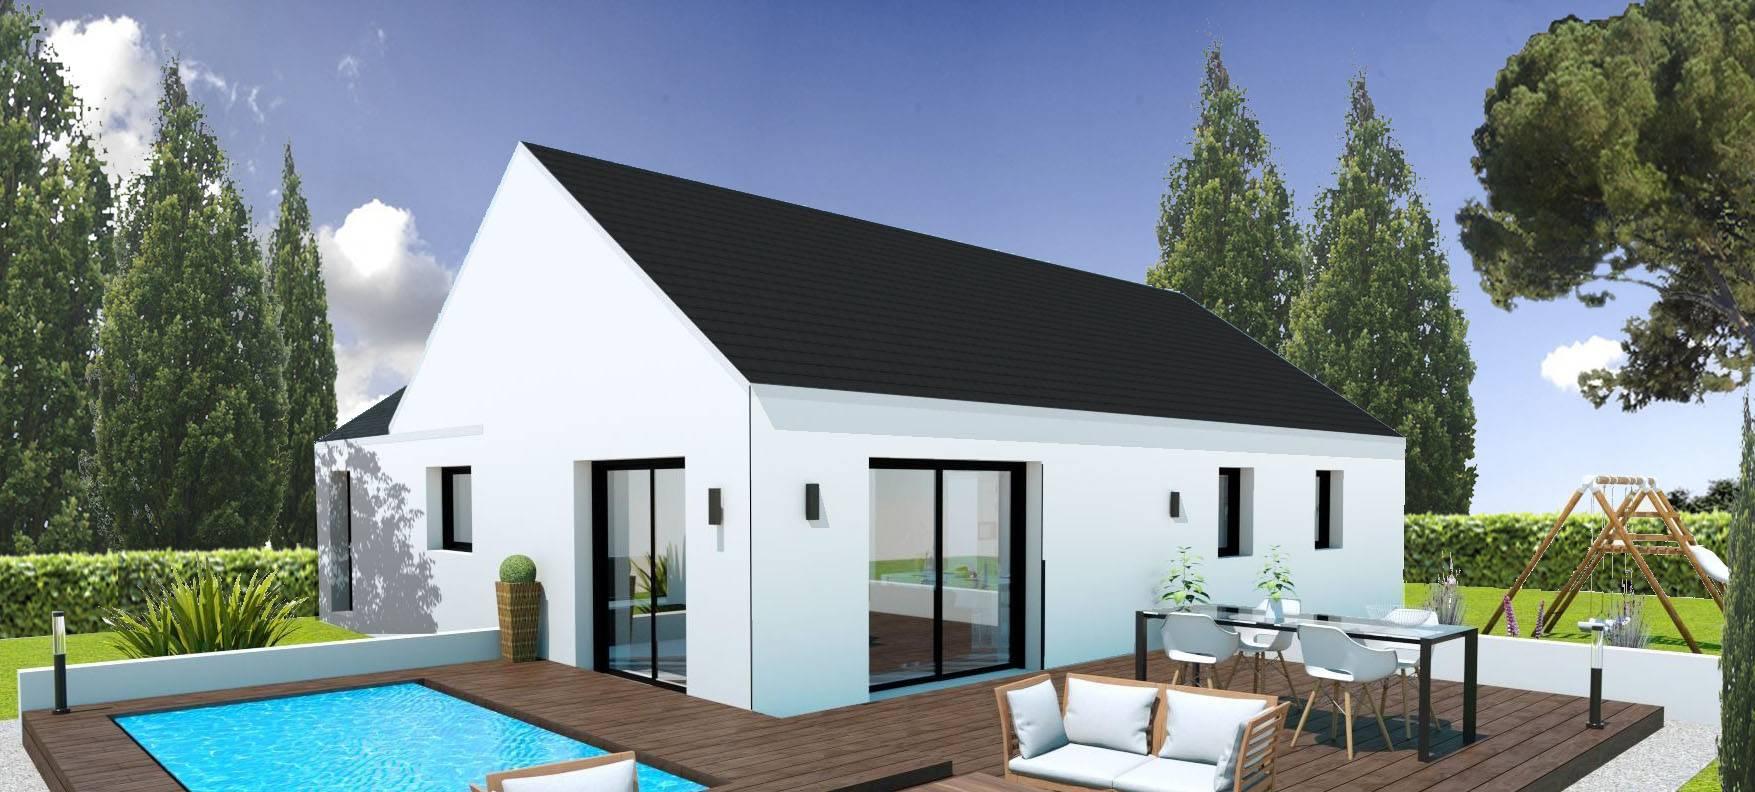 Maison pas cher a construire best maison chambres de m with maison pas cher a construire - Maison neuve pas cher en kit ...